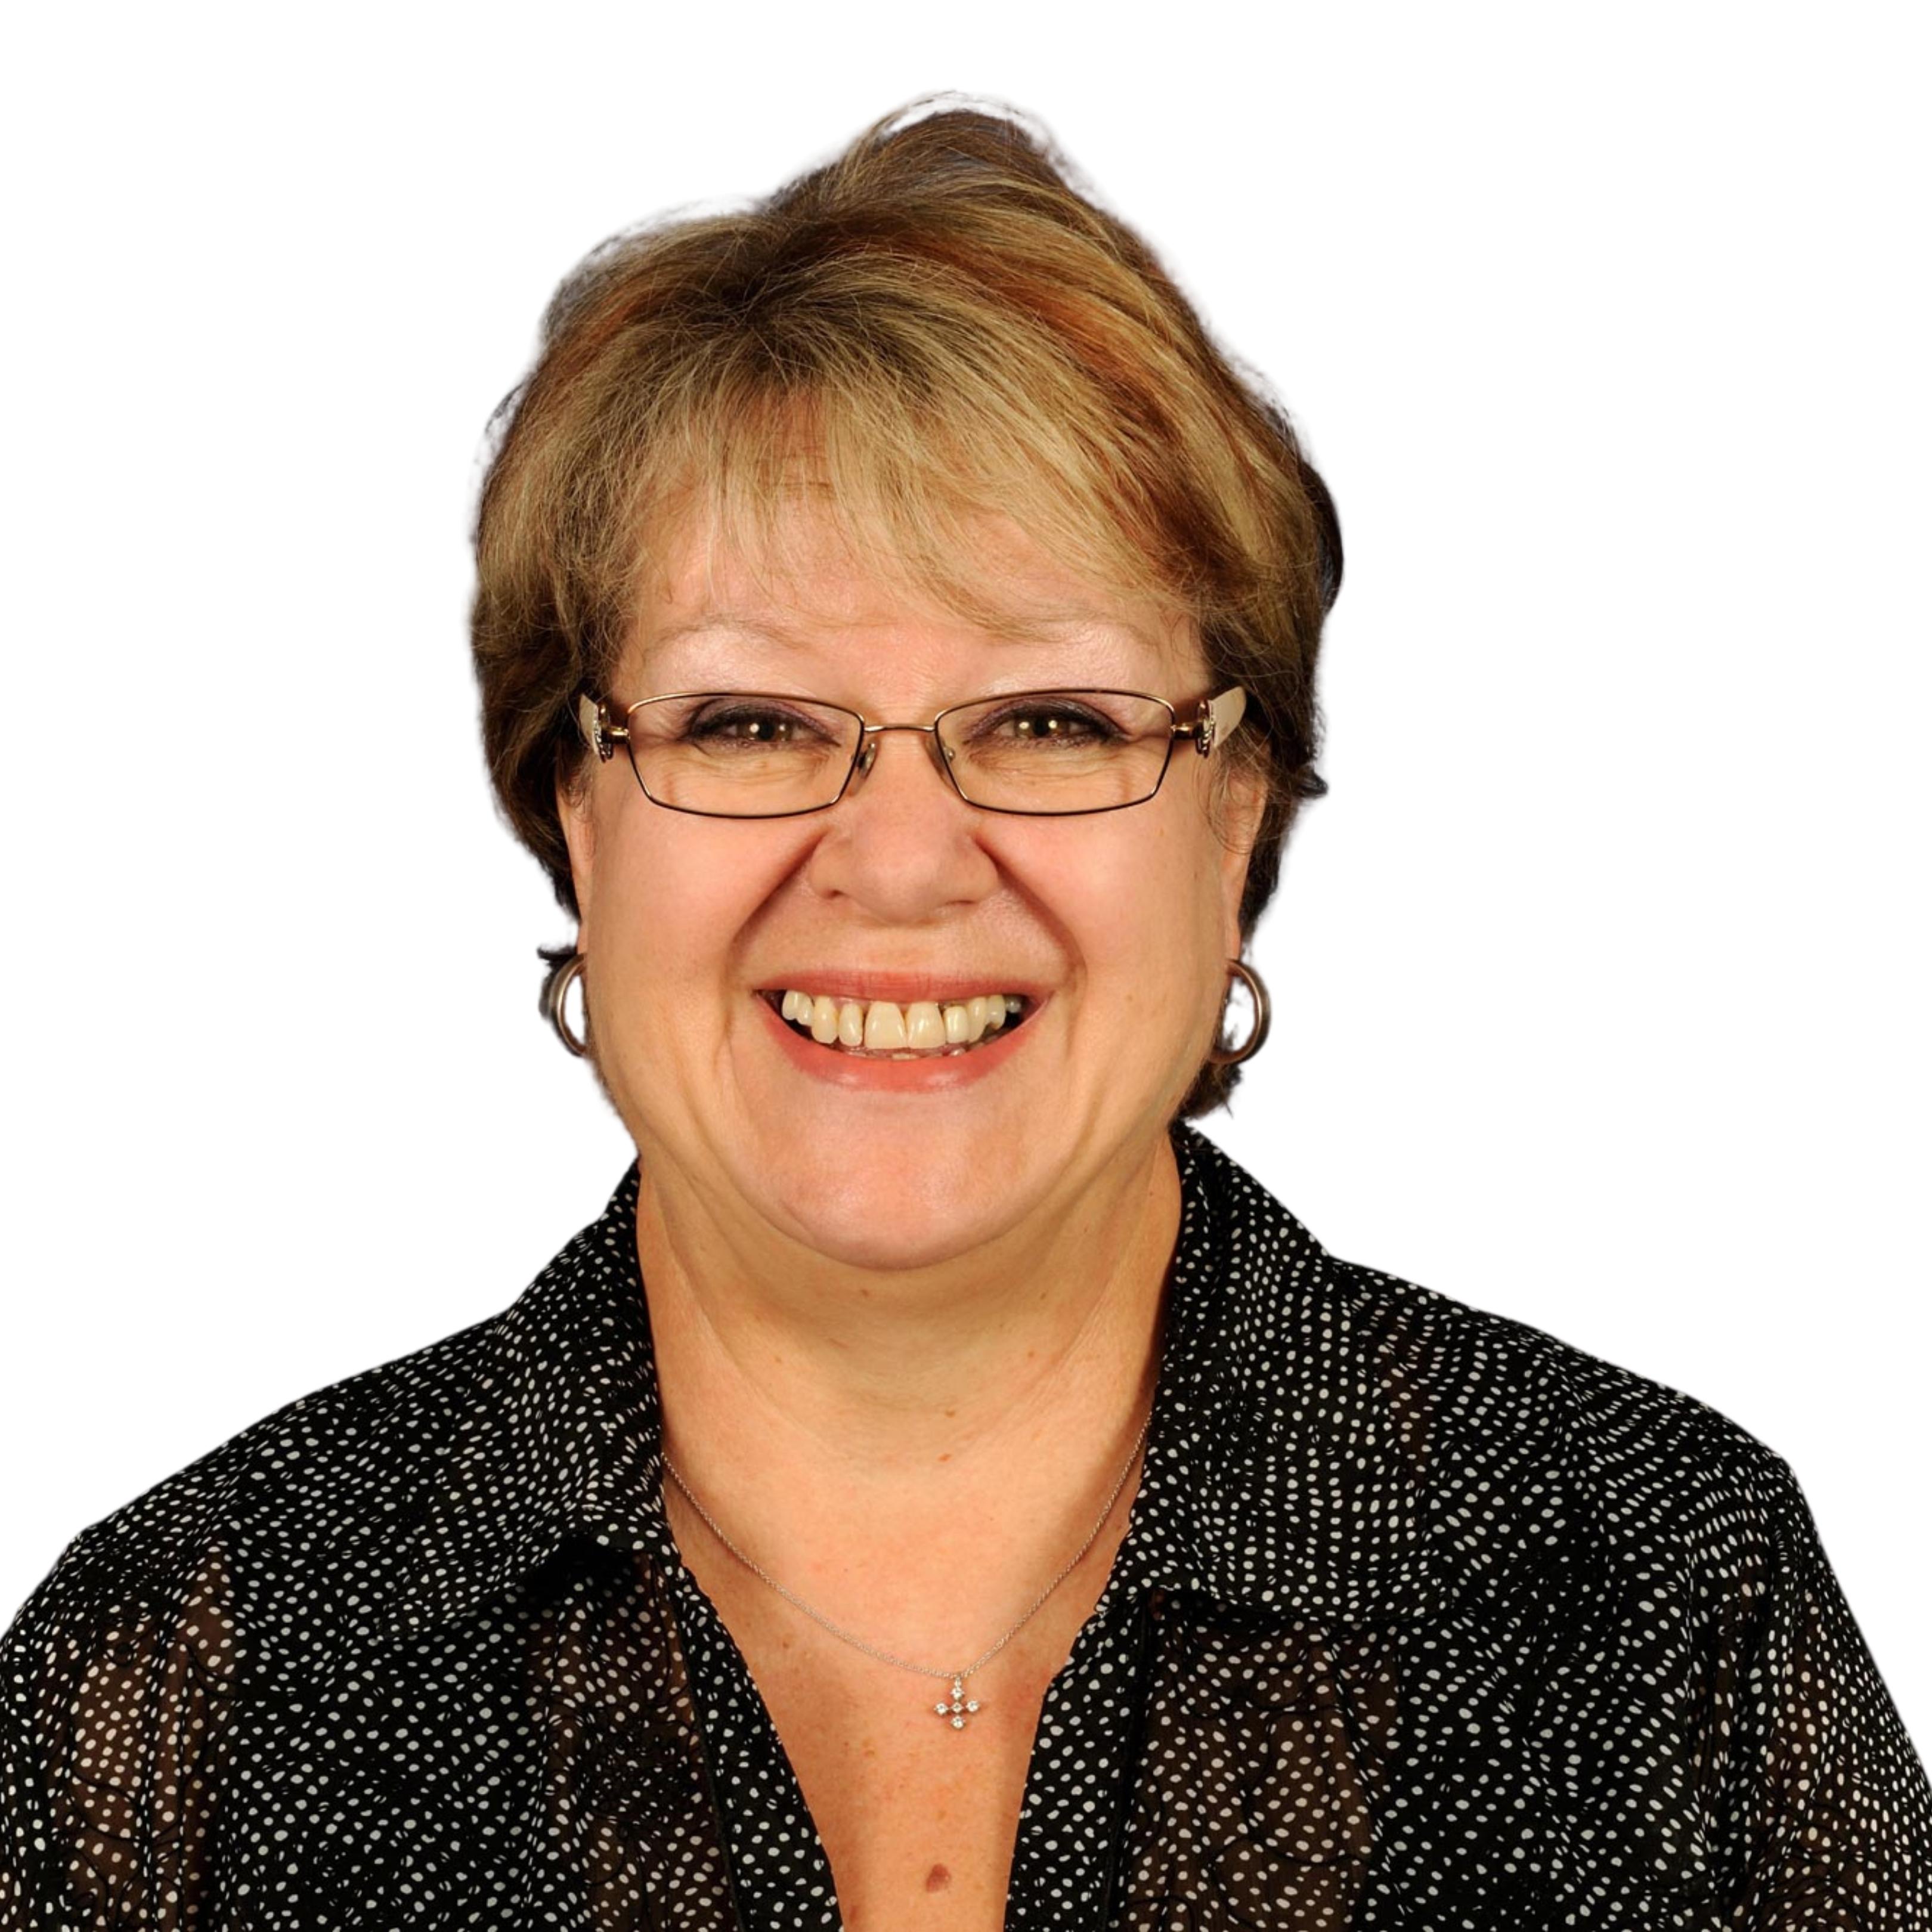 Pat Horne